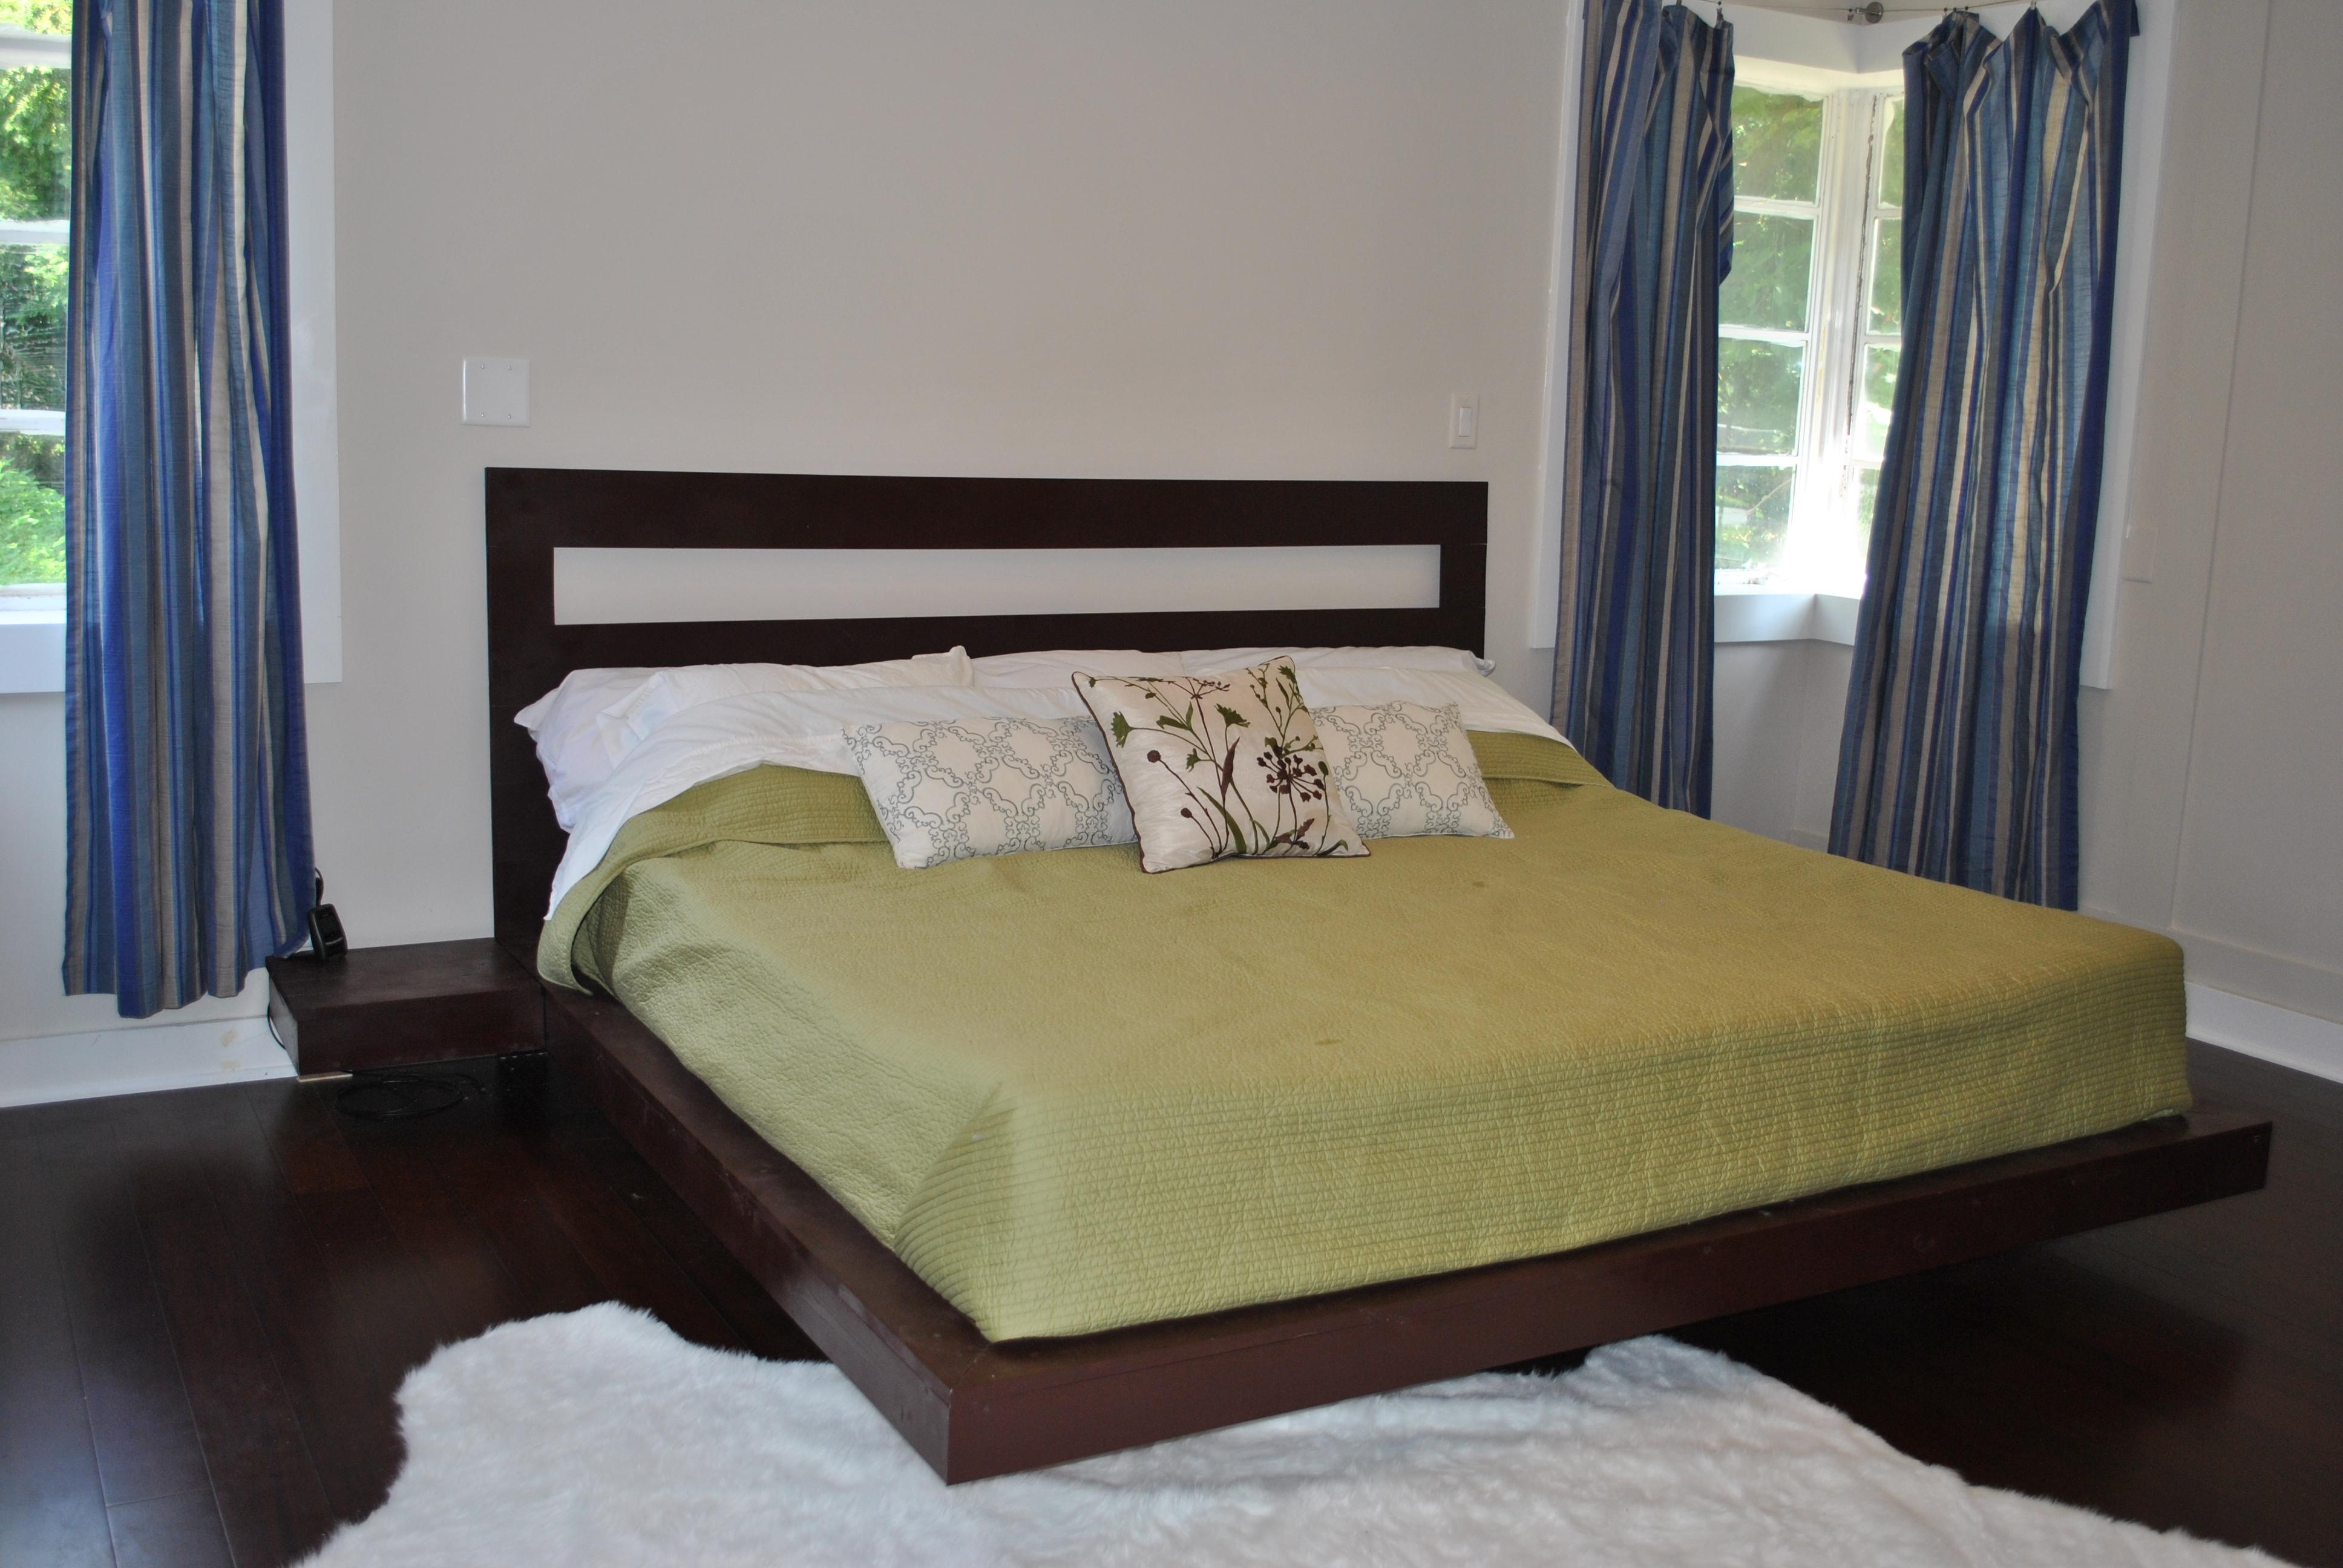 Diy King Bed Frame